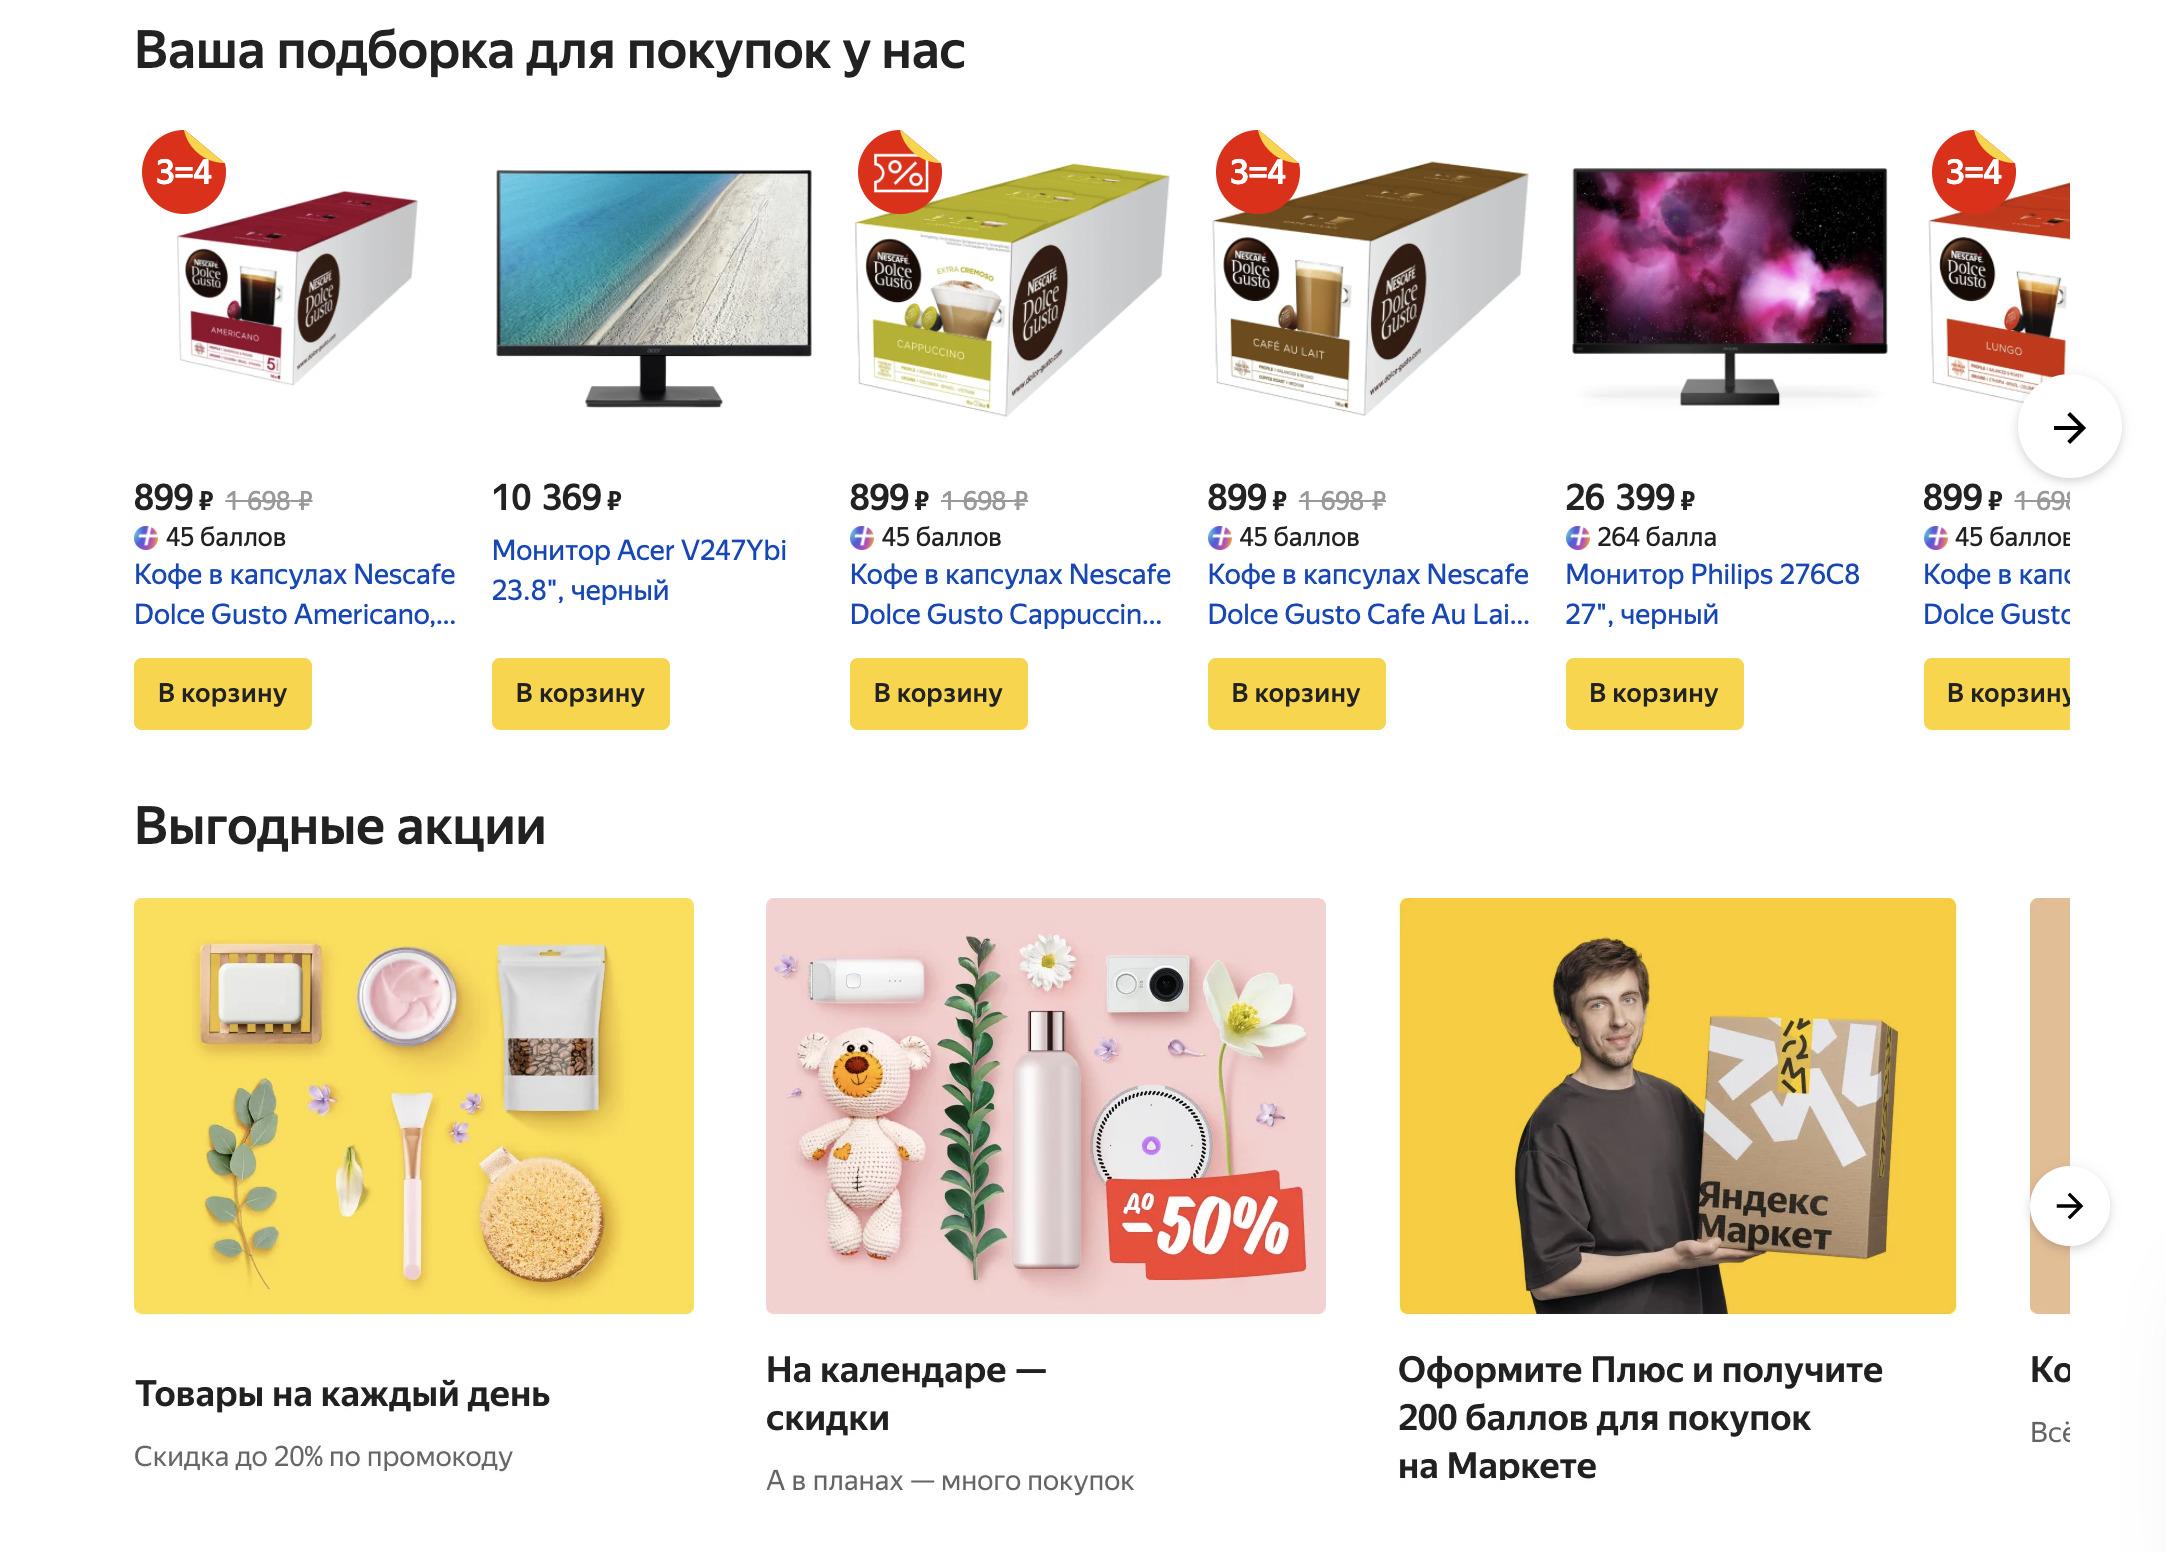 Доставка из Яндекс.Маркет в Республику Алтай, сроки, пункты выдачи, каталог